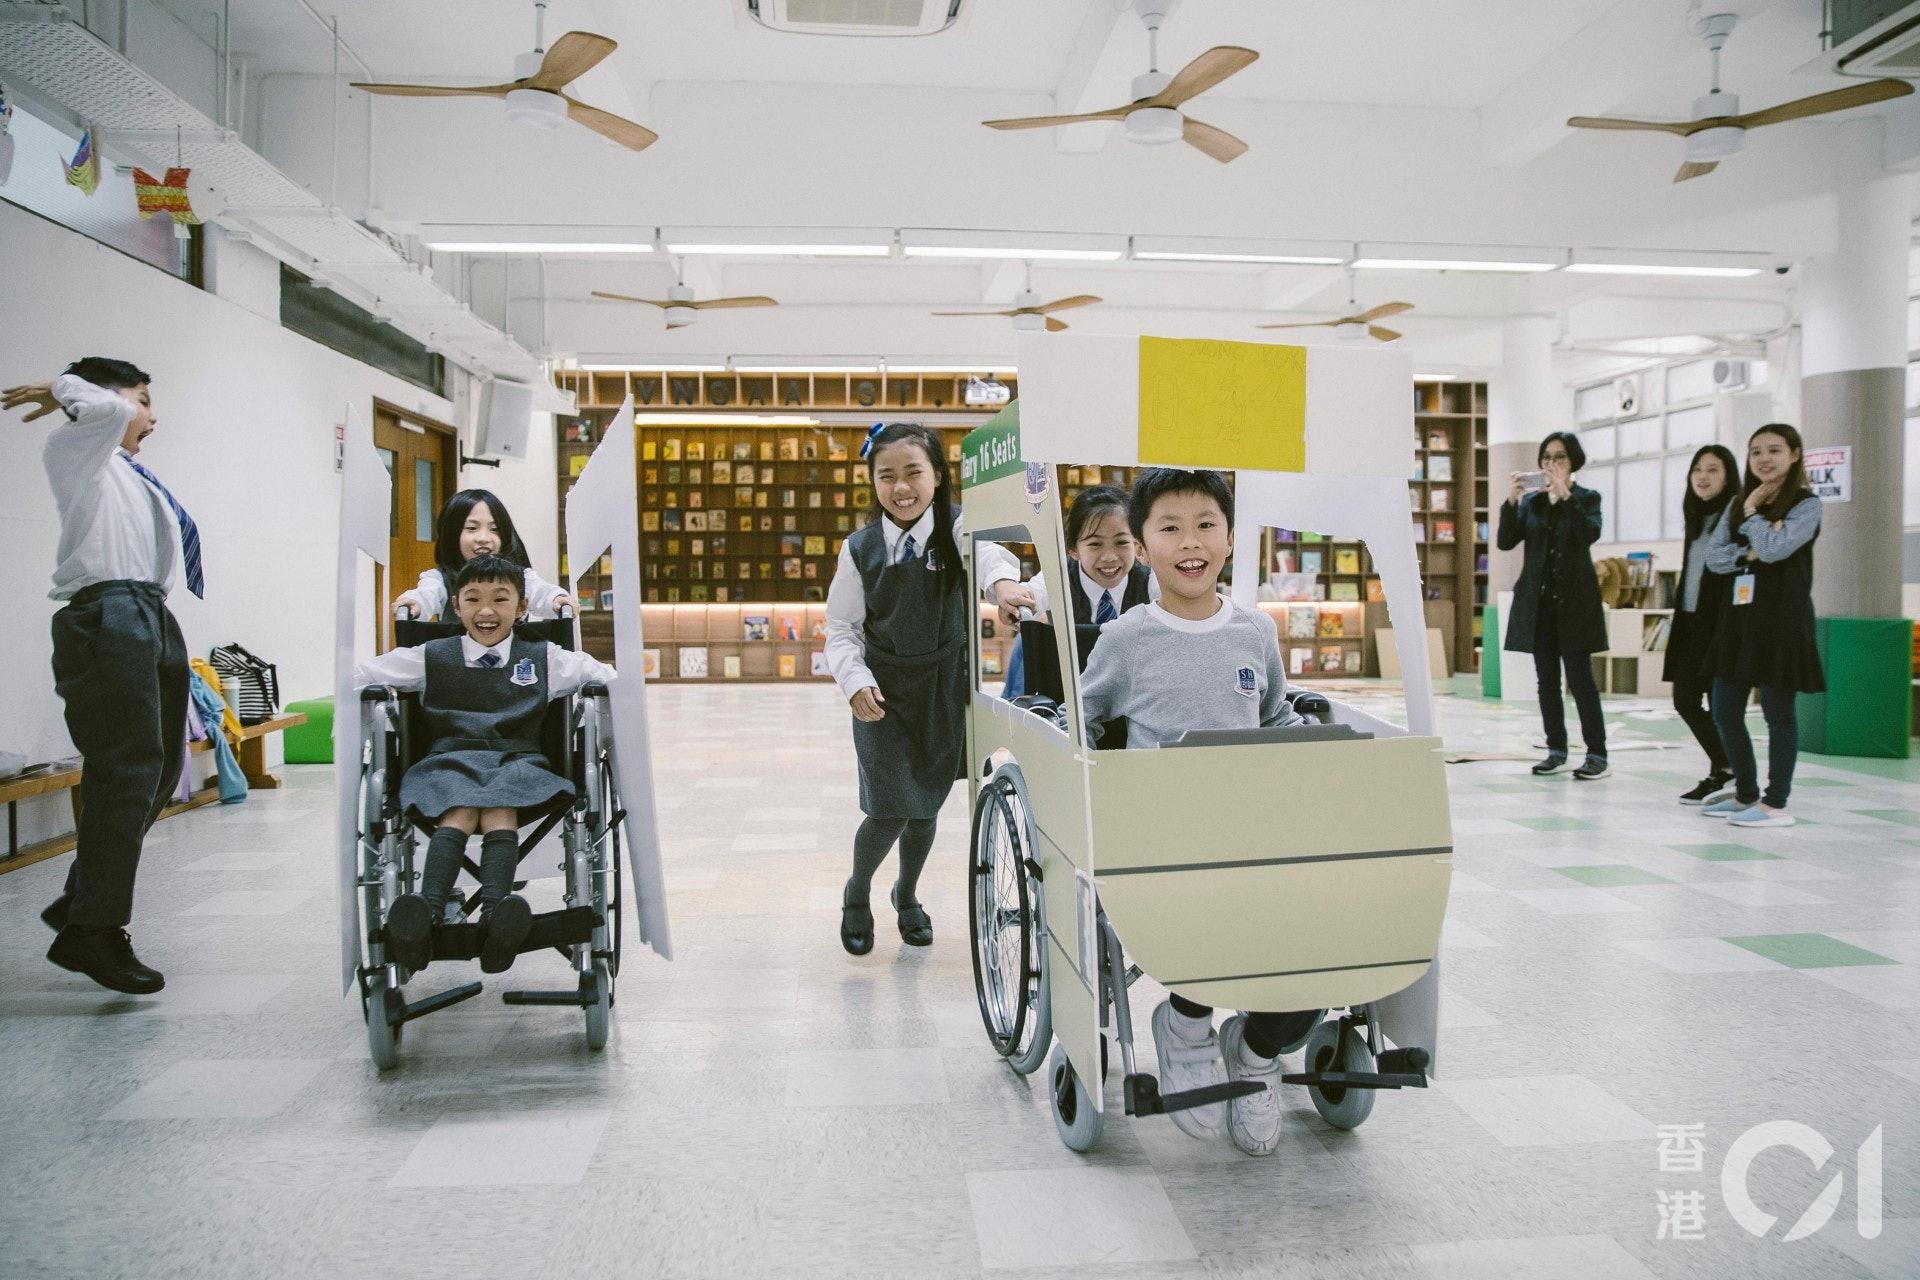 推着同學在禮堂中奔馳,輪椅在學生們的手中變成了一件玩具。(鄭子峰攝)